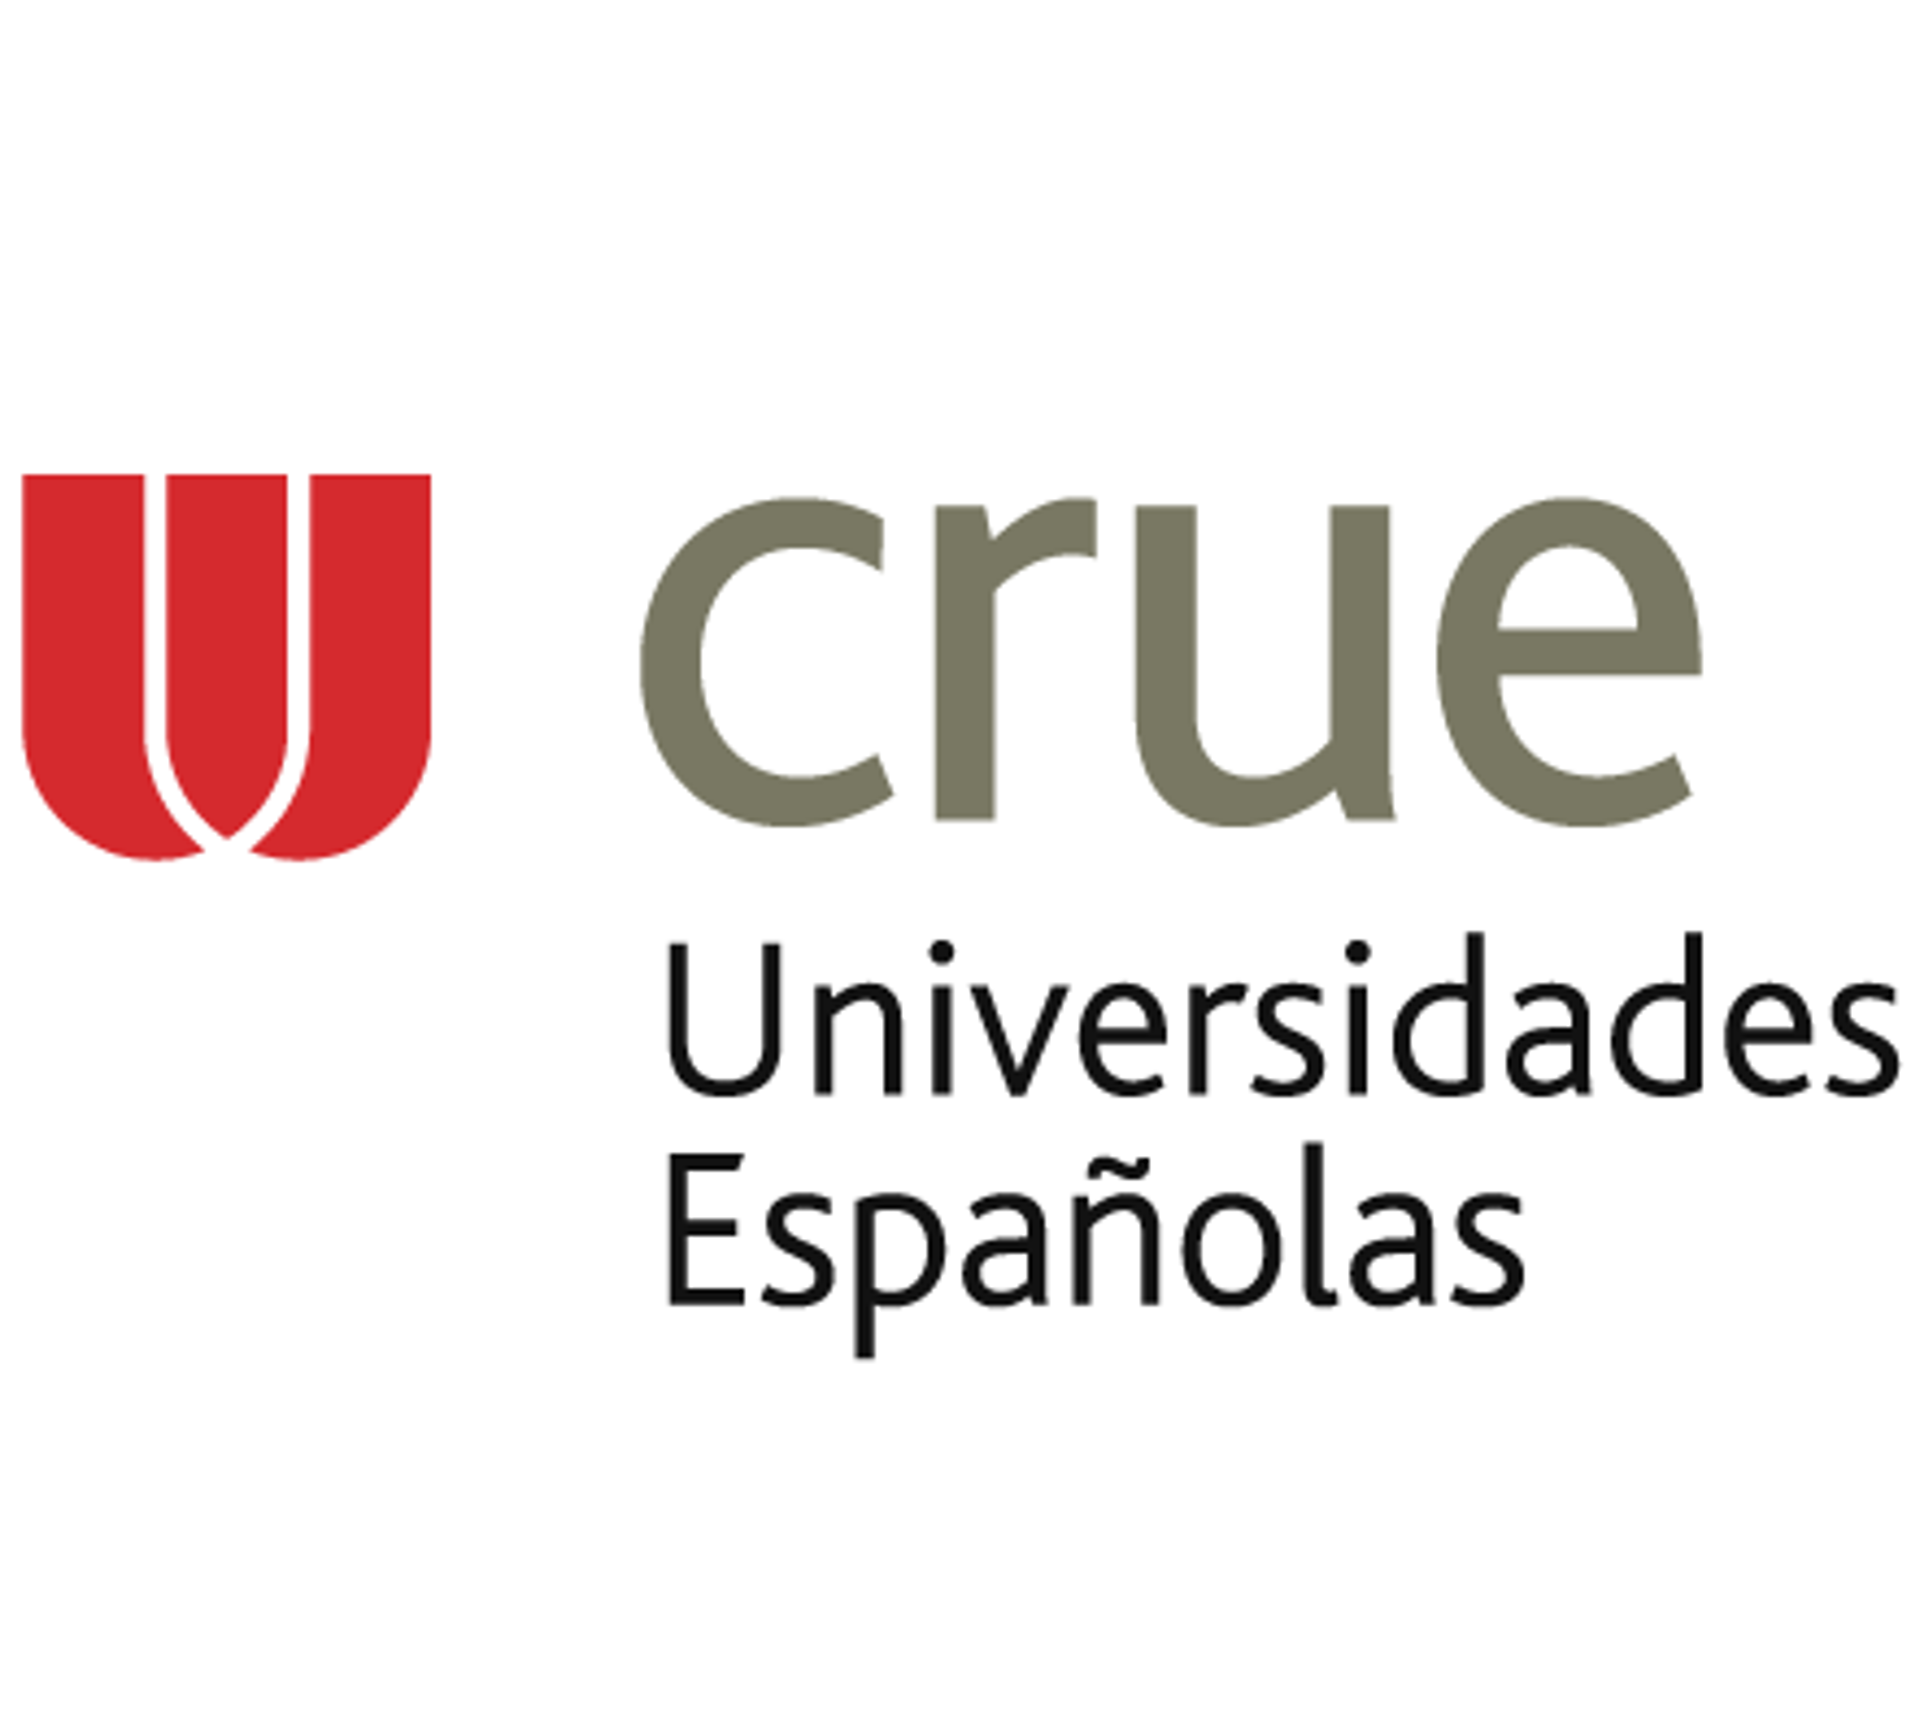 CRUE Universidades Españolas